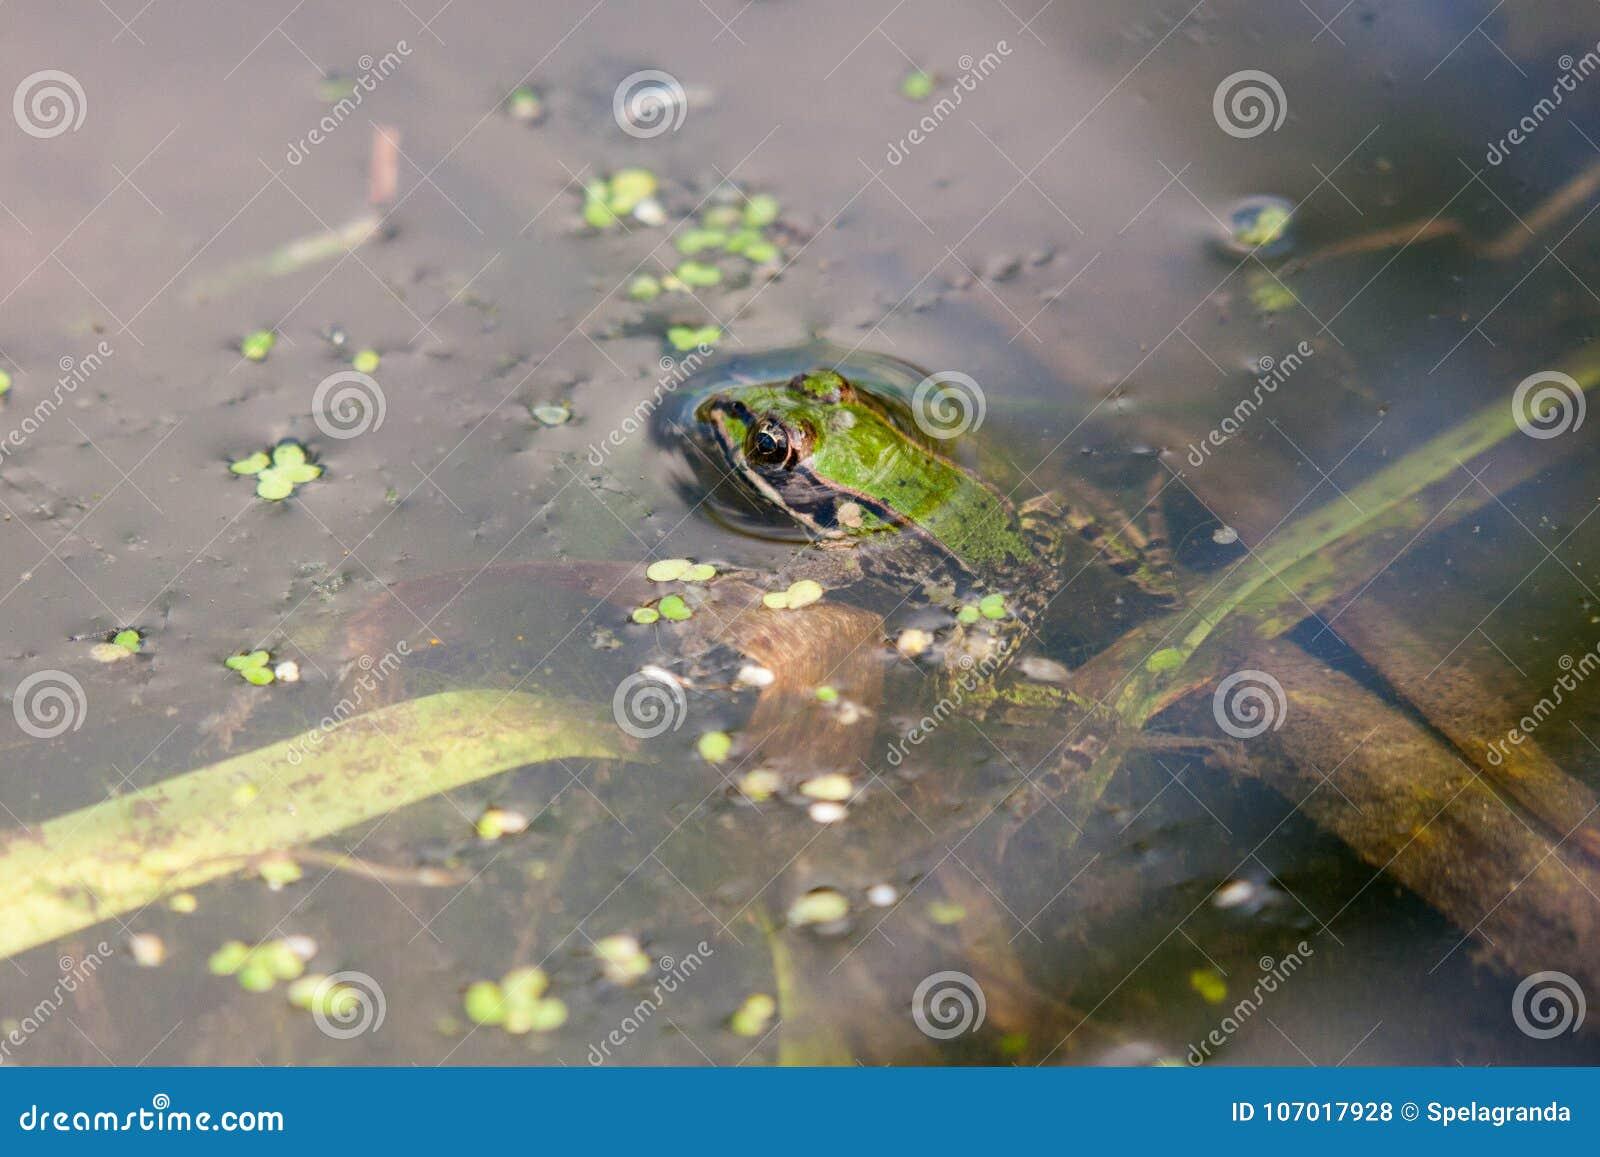 Liten grön groda som vilar i dammvatten